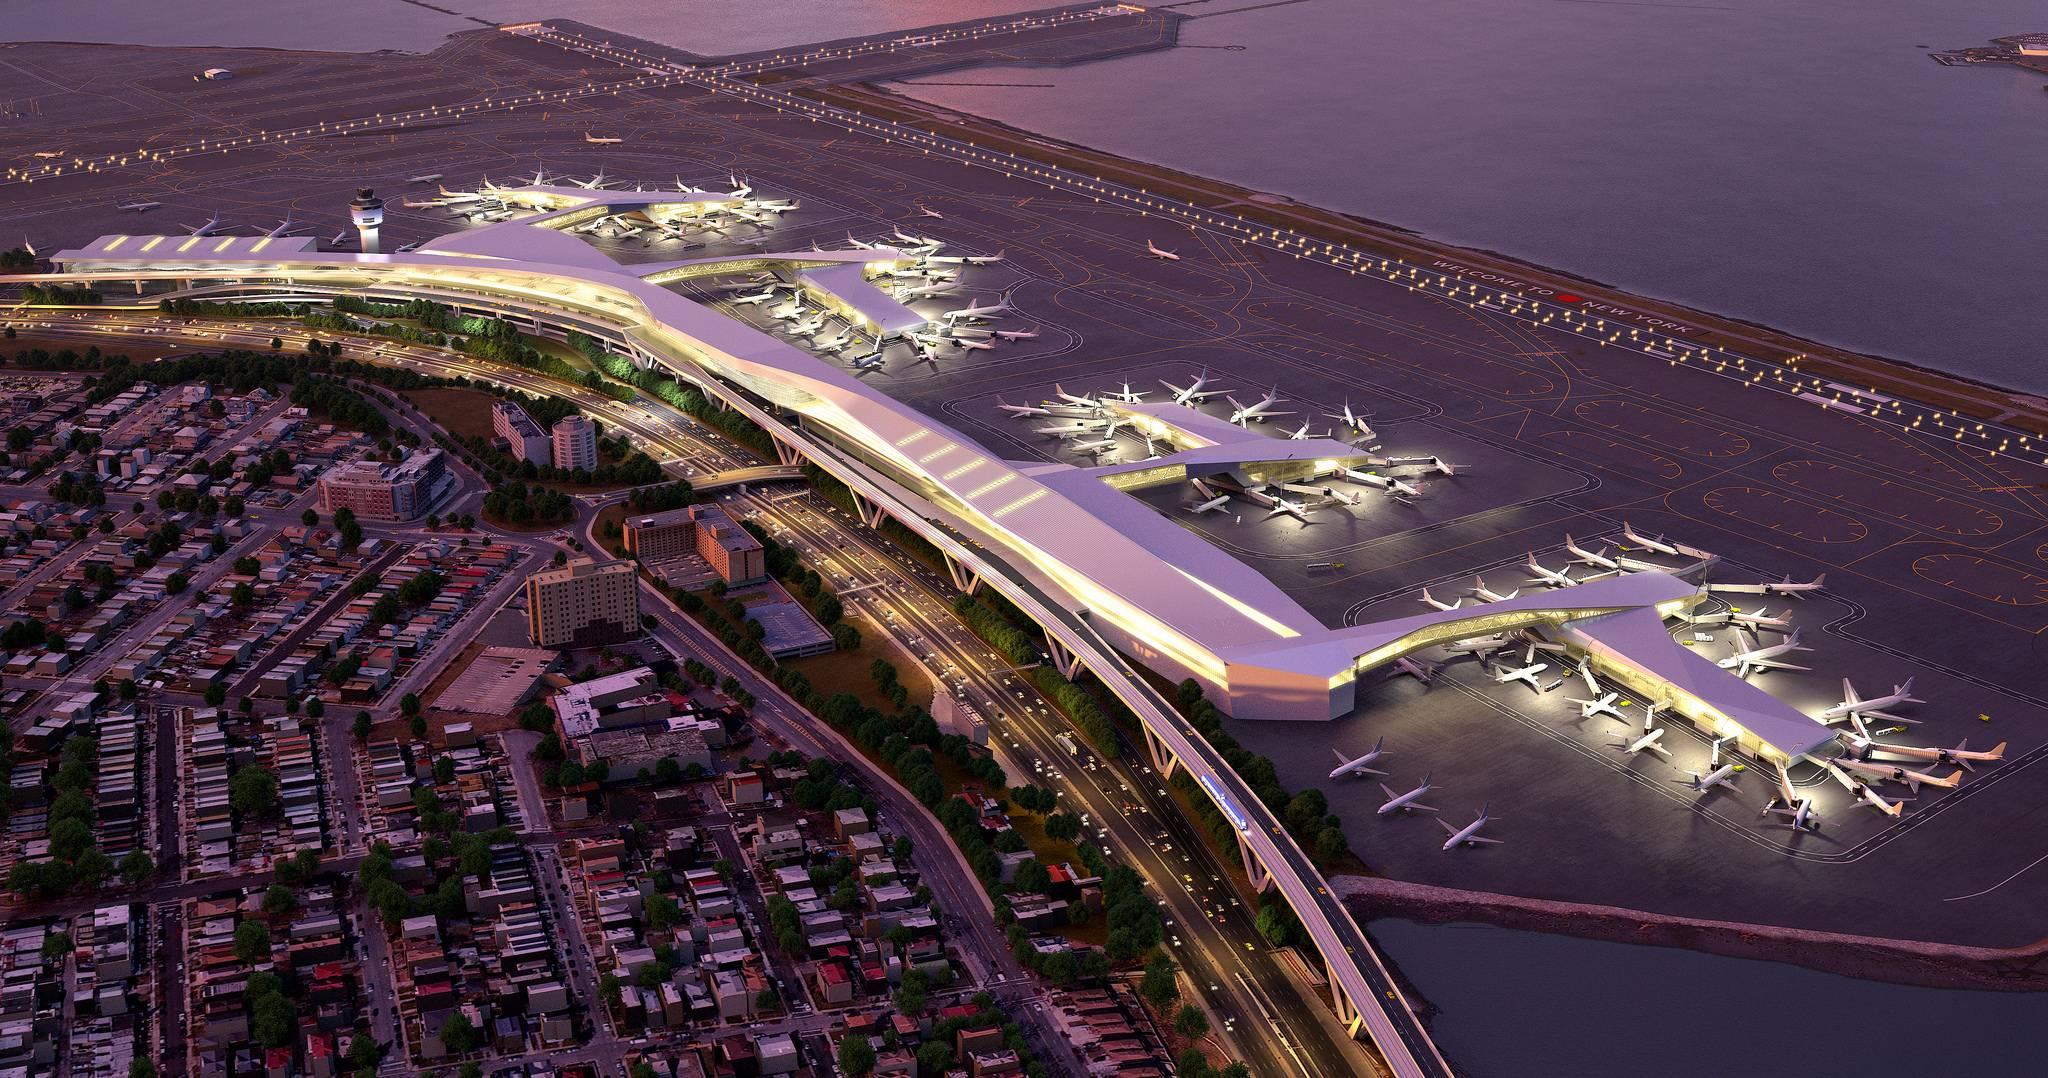 Путеводитель по нью-йорку: аэропорт, жилье, транспорт, проезд